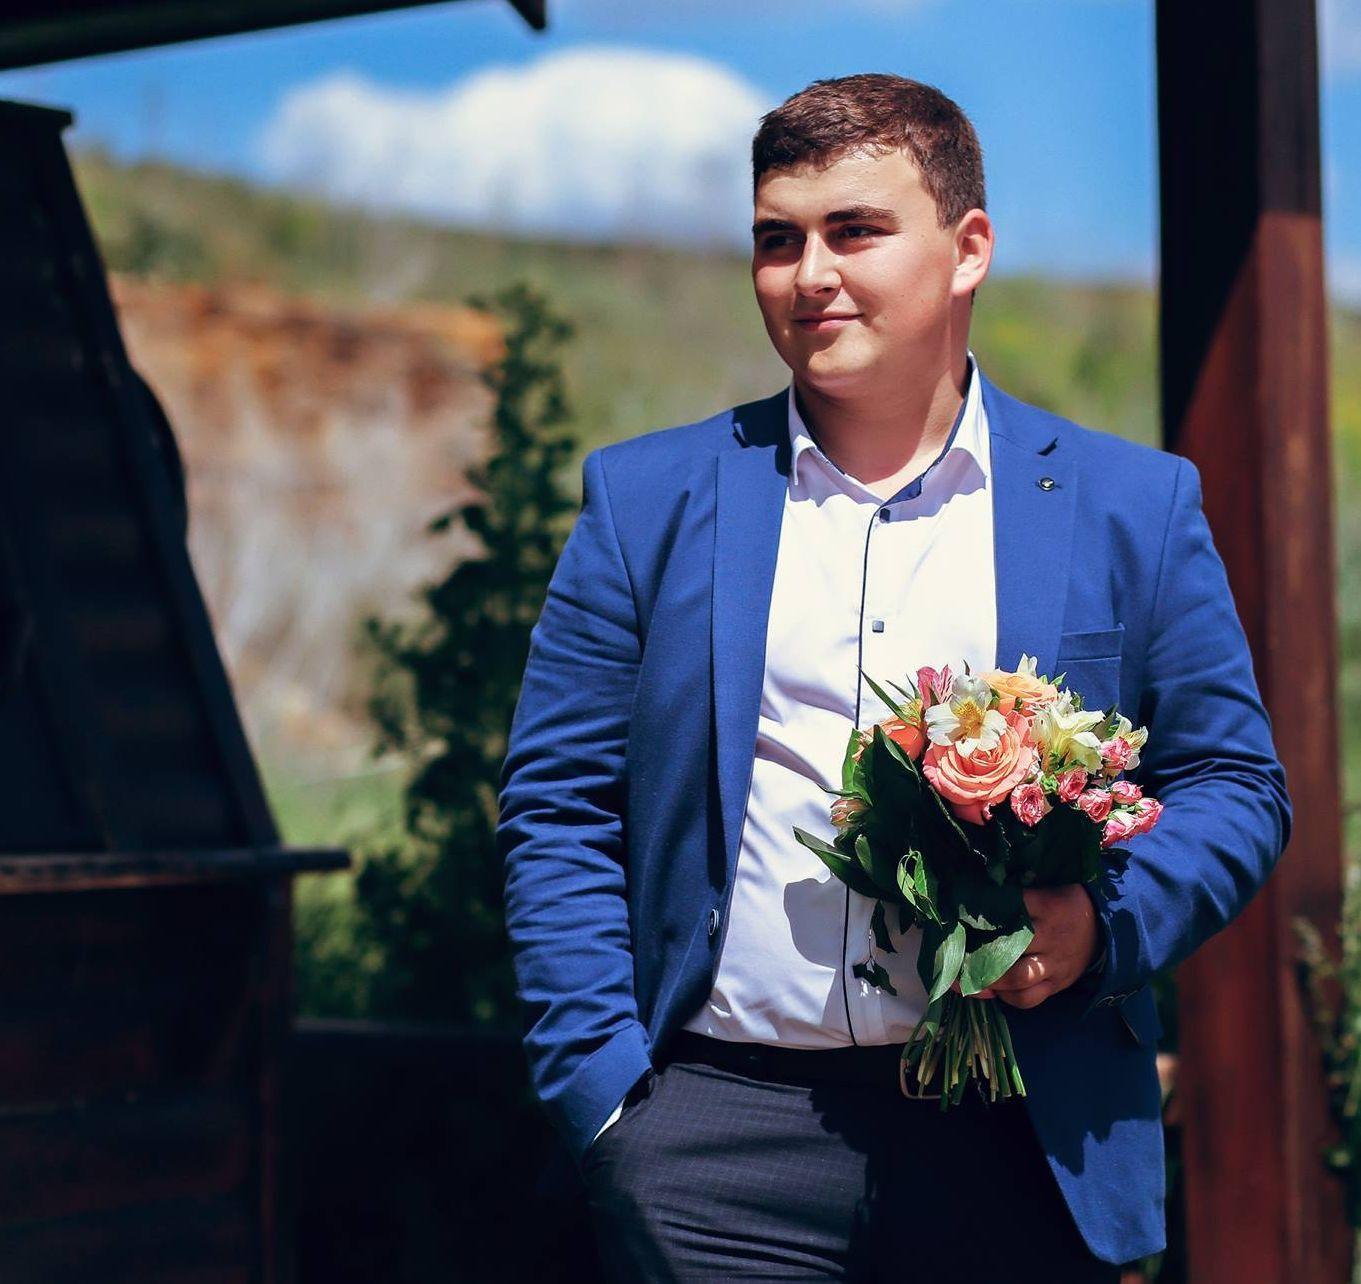 Валерій Дегтяренко вивчав правознавство в Донецькому національному університеті